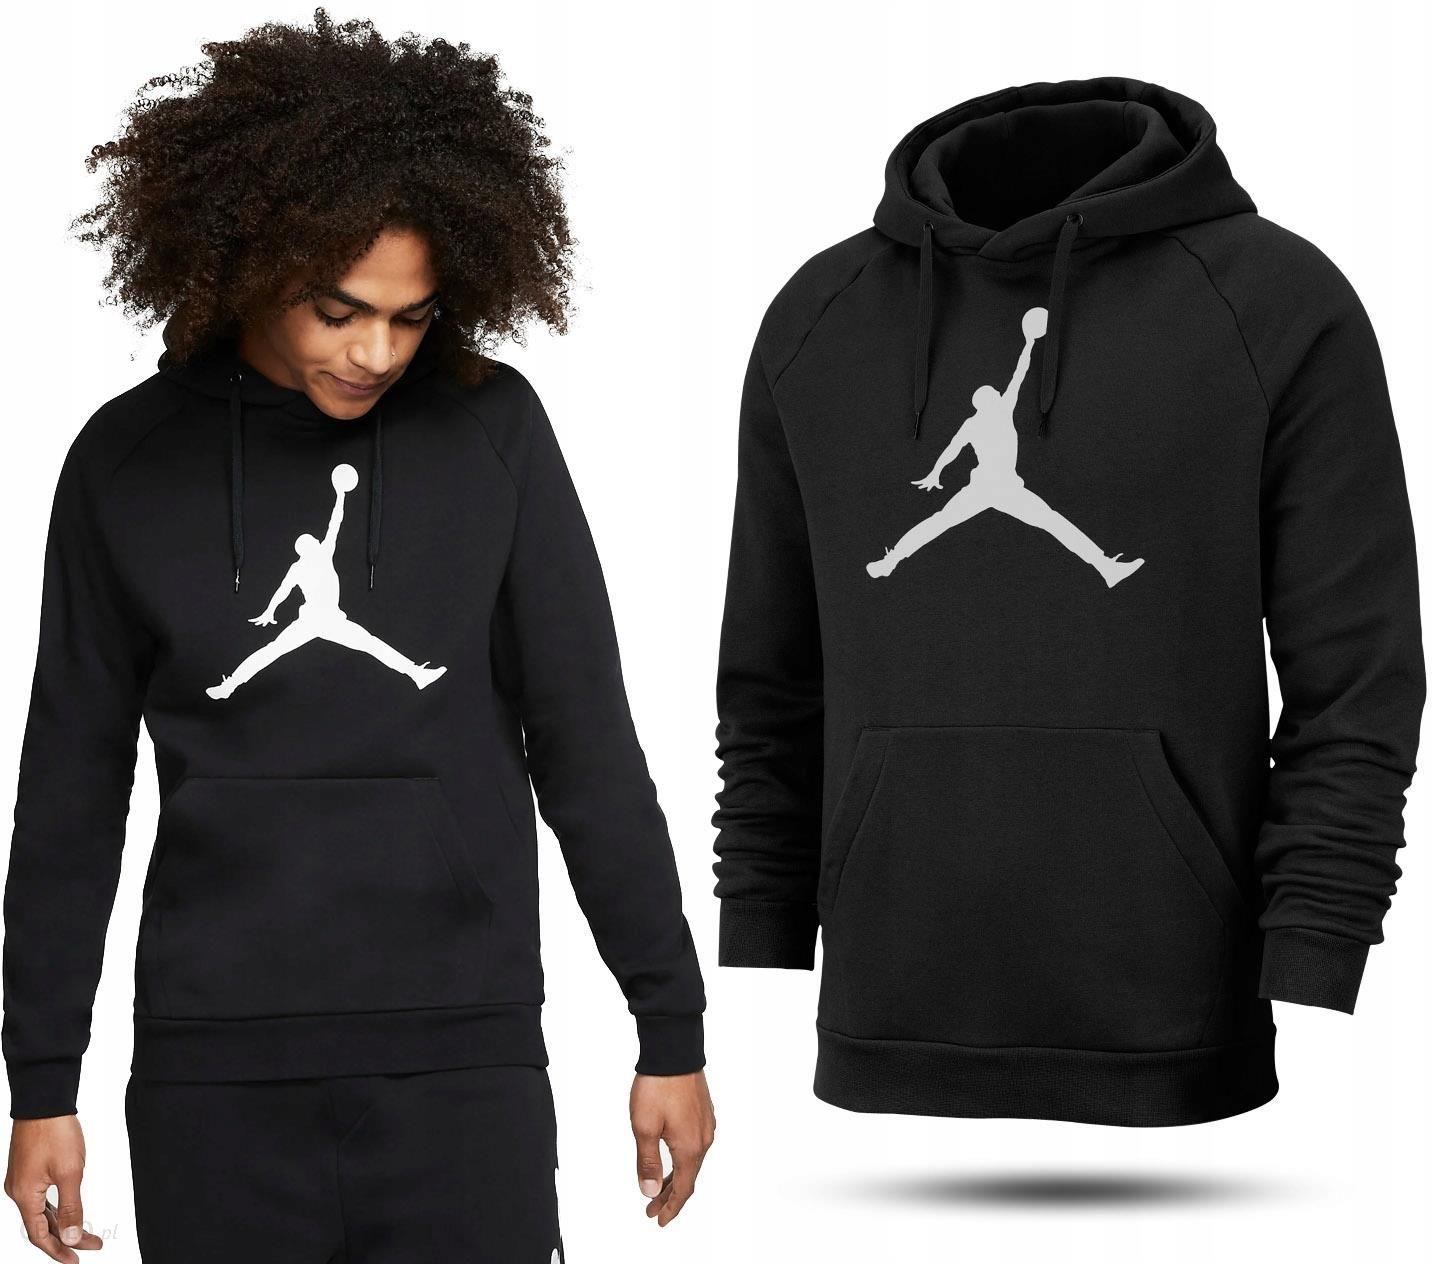 najlepsza moda gorące wyprzedaże nowe tanie Bluza Męska Nike Jordan Jumpman z kapturem czarna - Ceny i opinie - Ceneo.pl